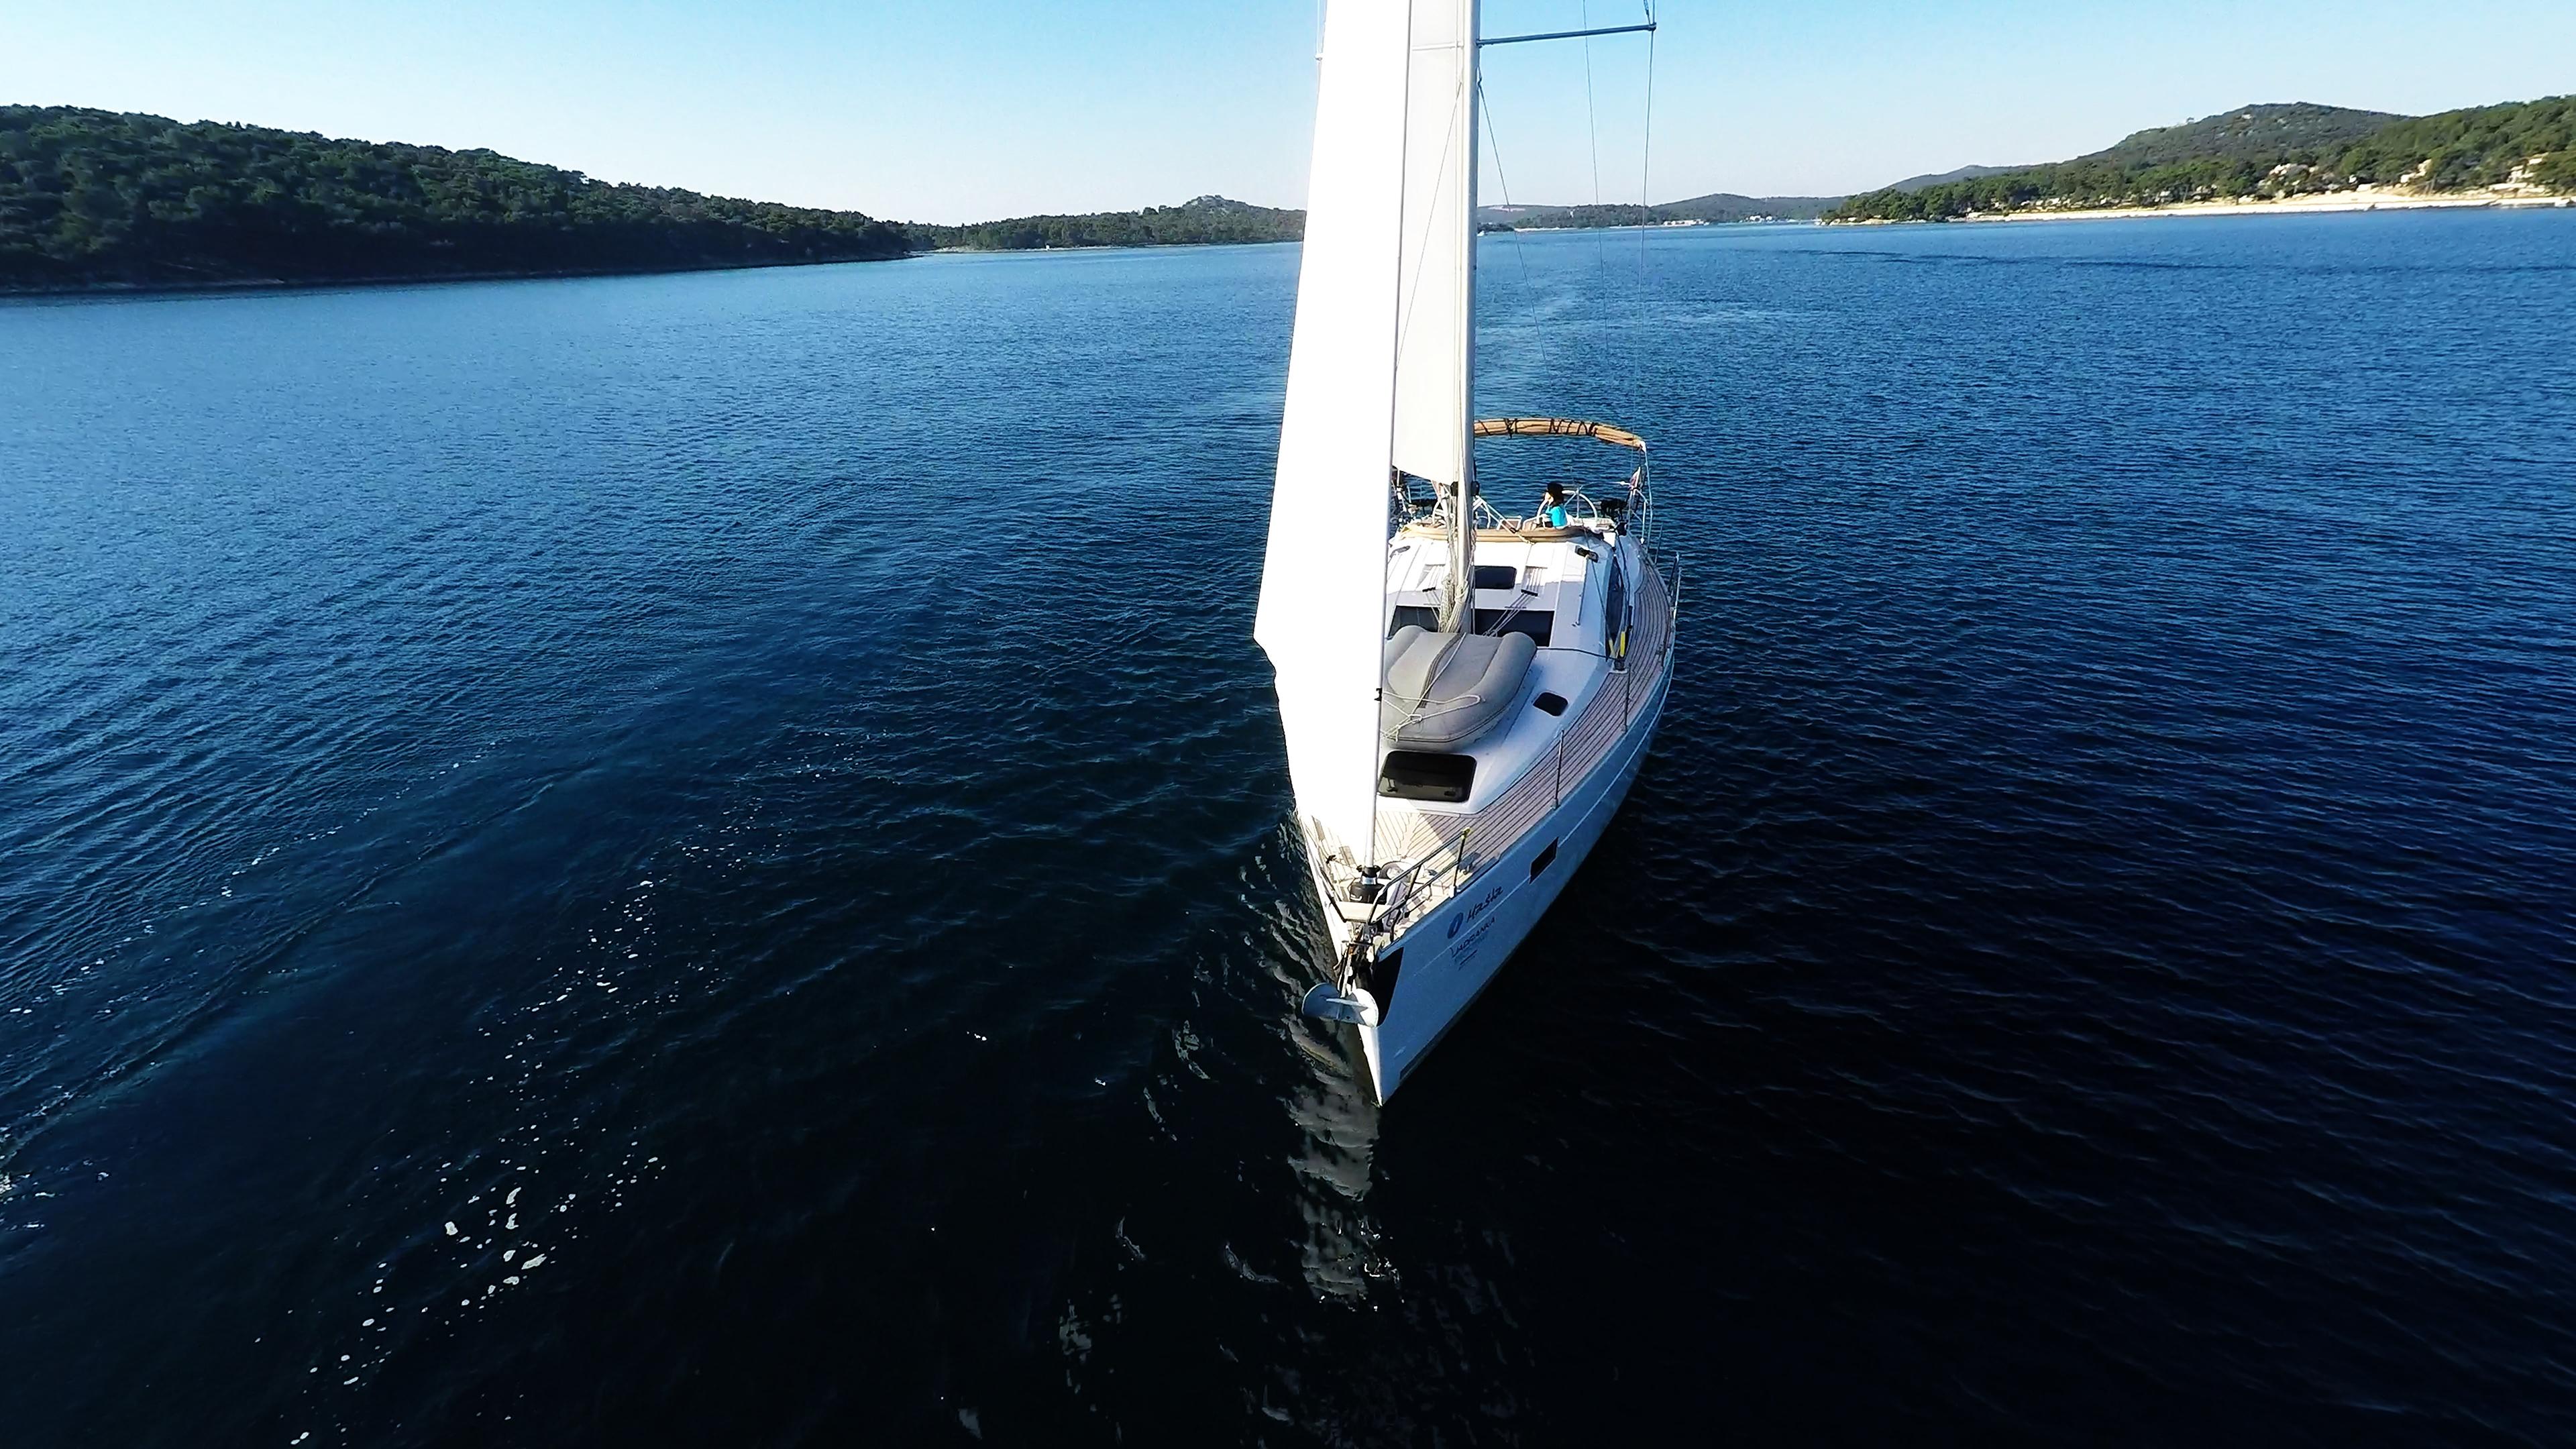 bateau à voile proue bateau à voile elan 45 impression voiliers voiles